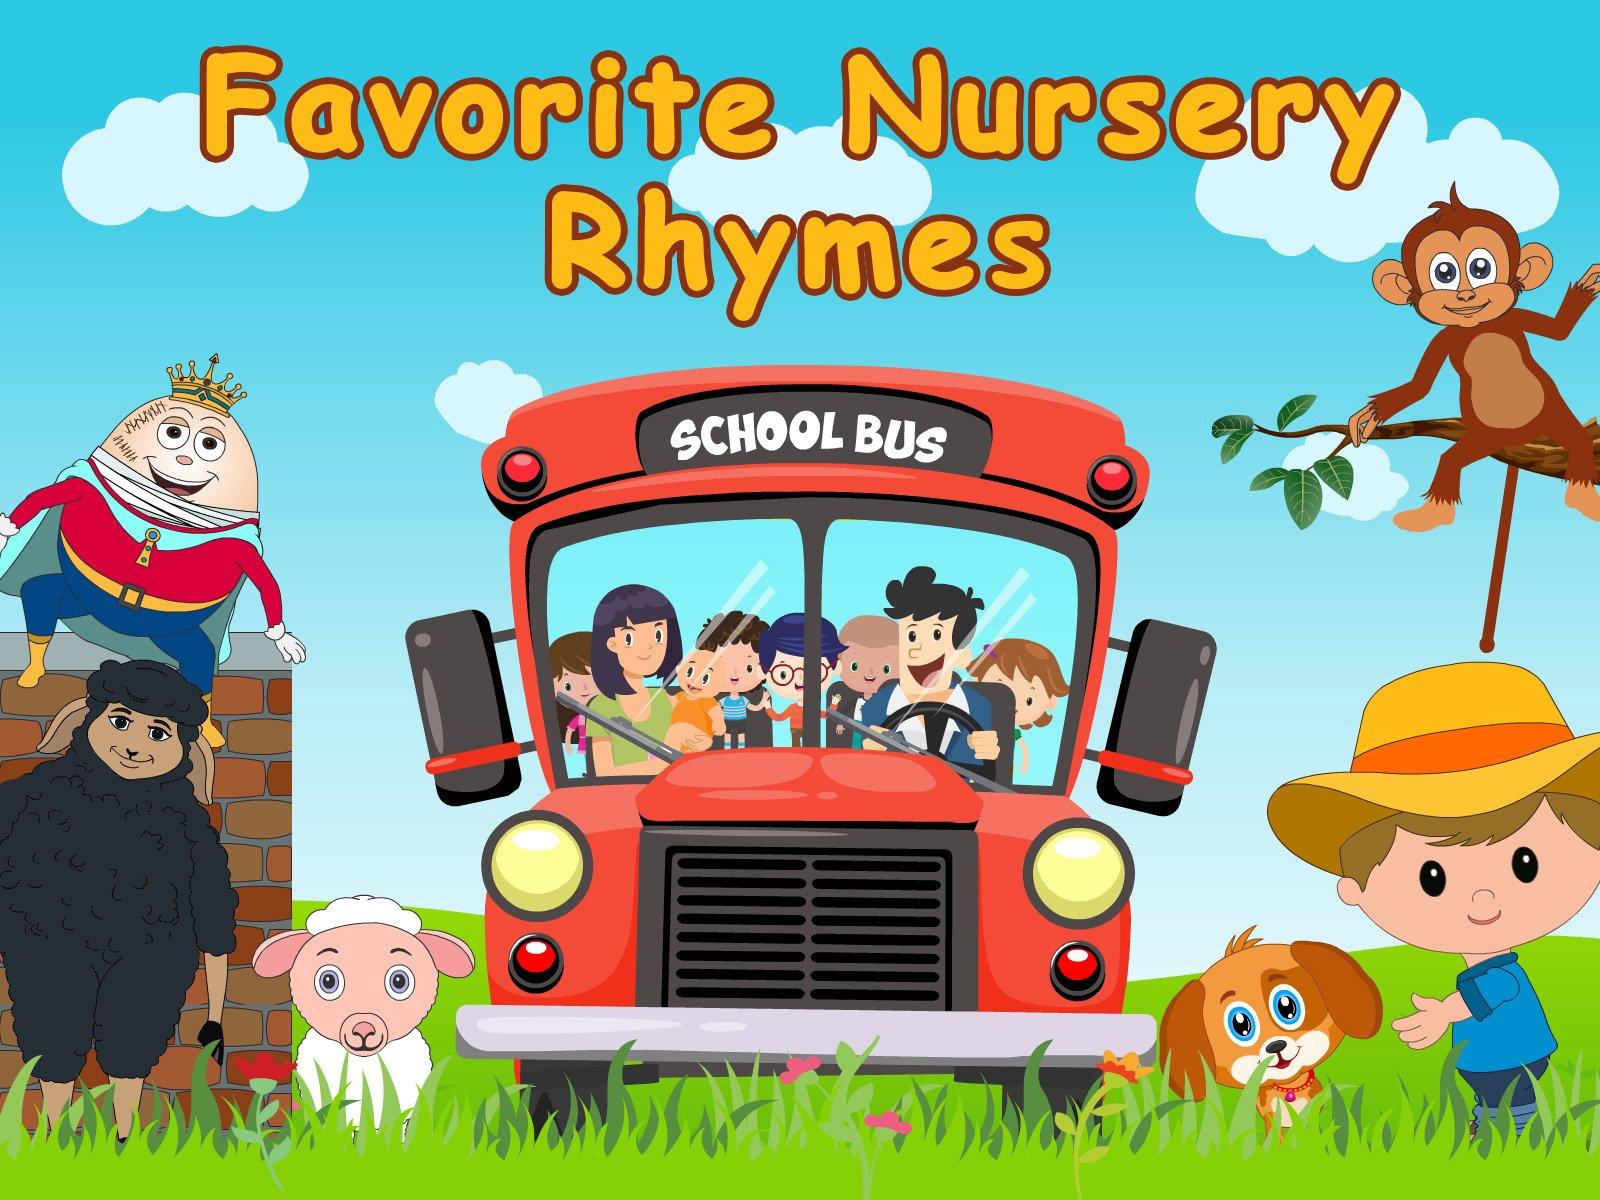 Favorite Nursery Rhymes - Season 1